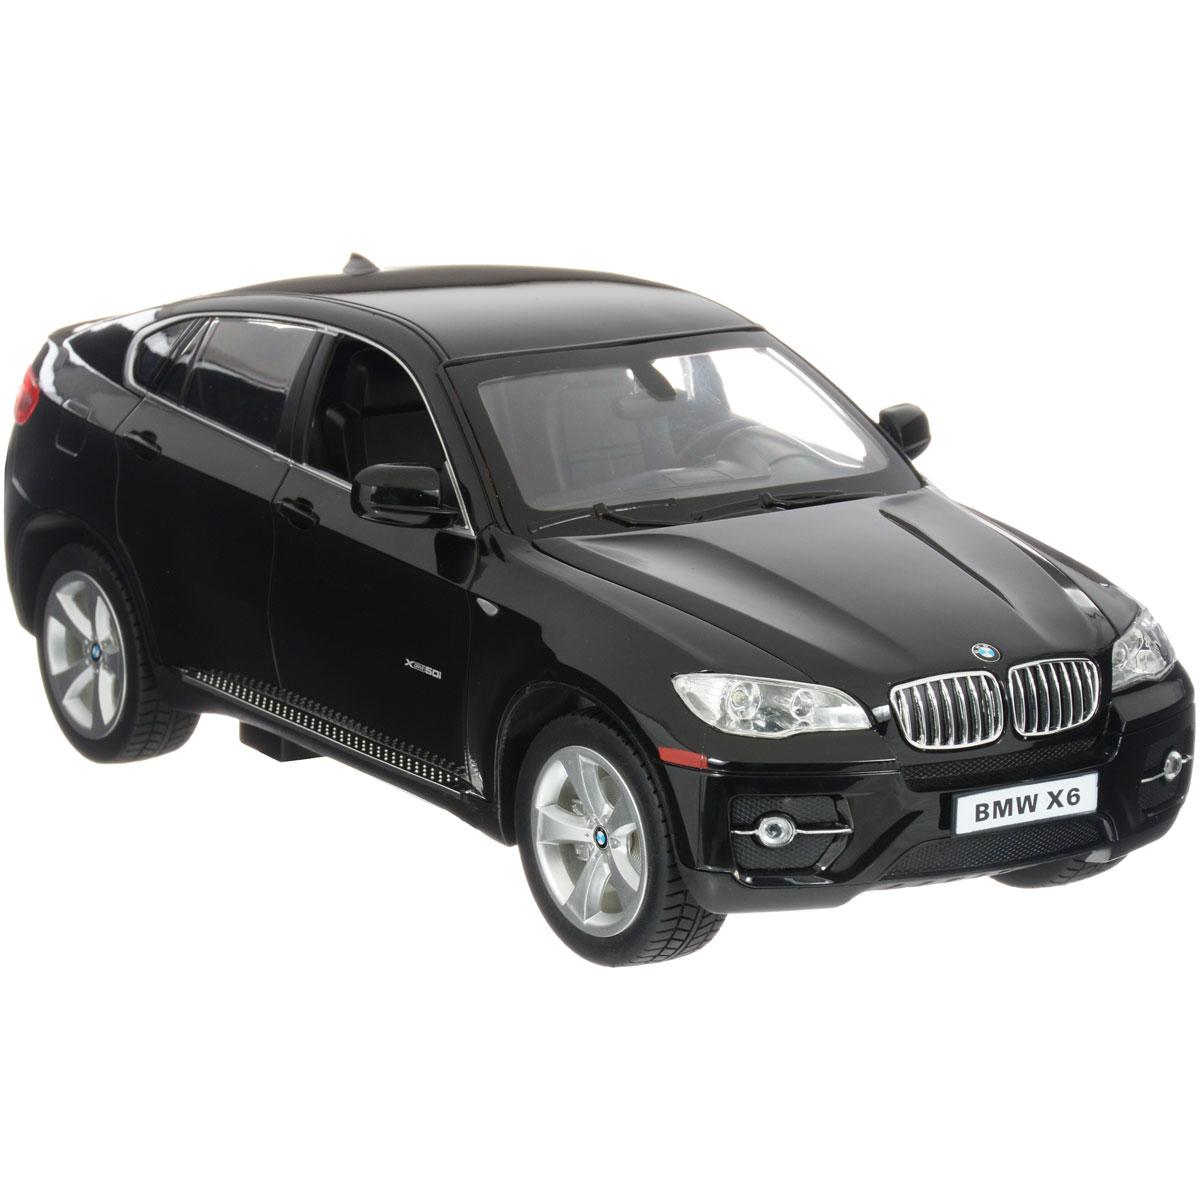 Rastar Радиоуправляемая модель BMW X6 цвет черный машина на радиоуправлении rastar audi q7 1 24